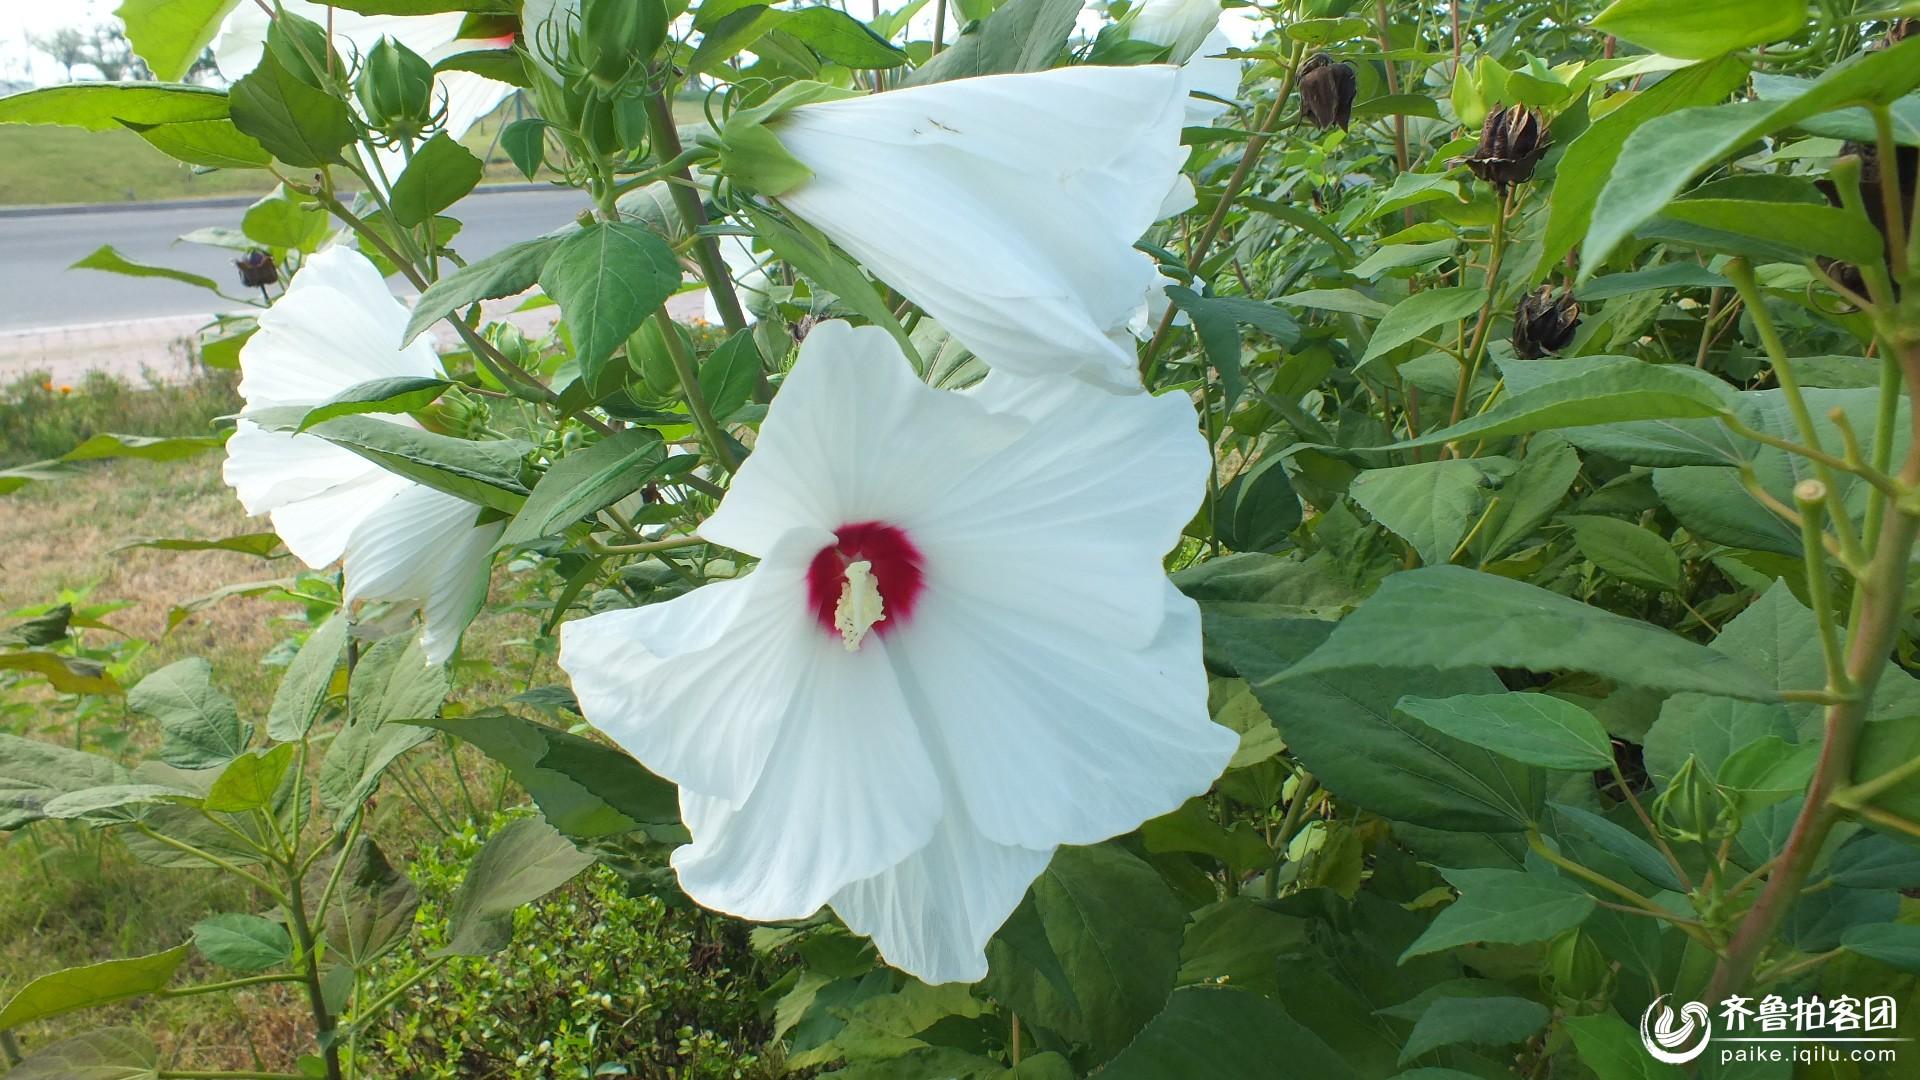 木槿花-白色 - 东营拍客